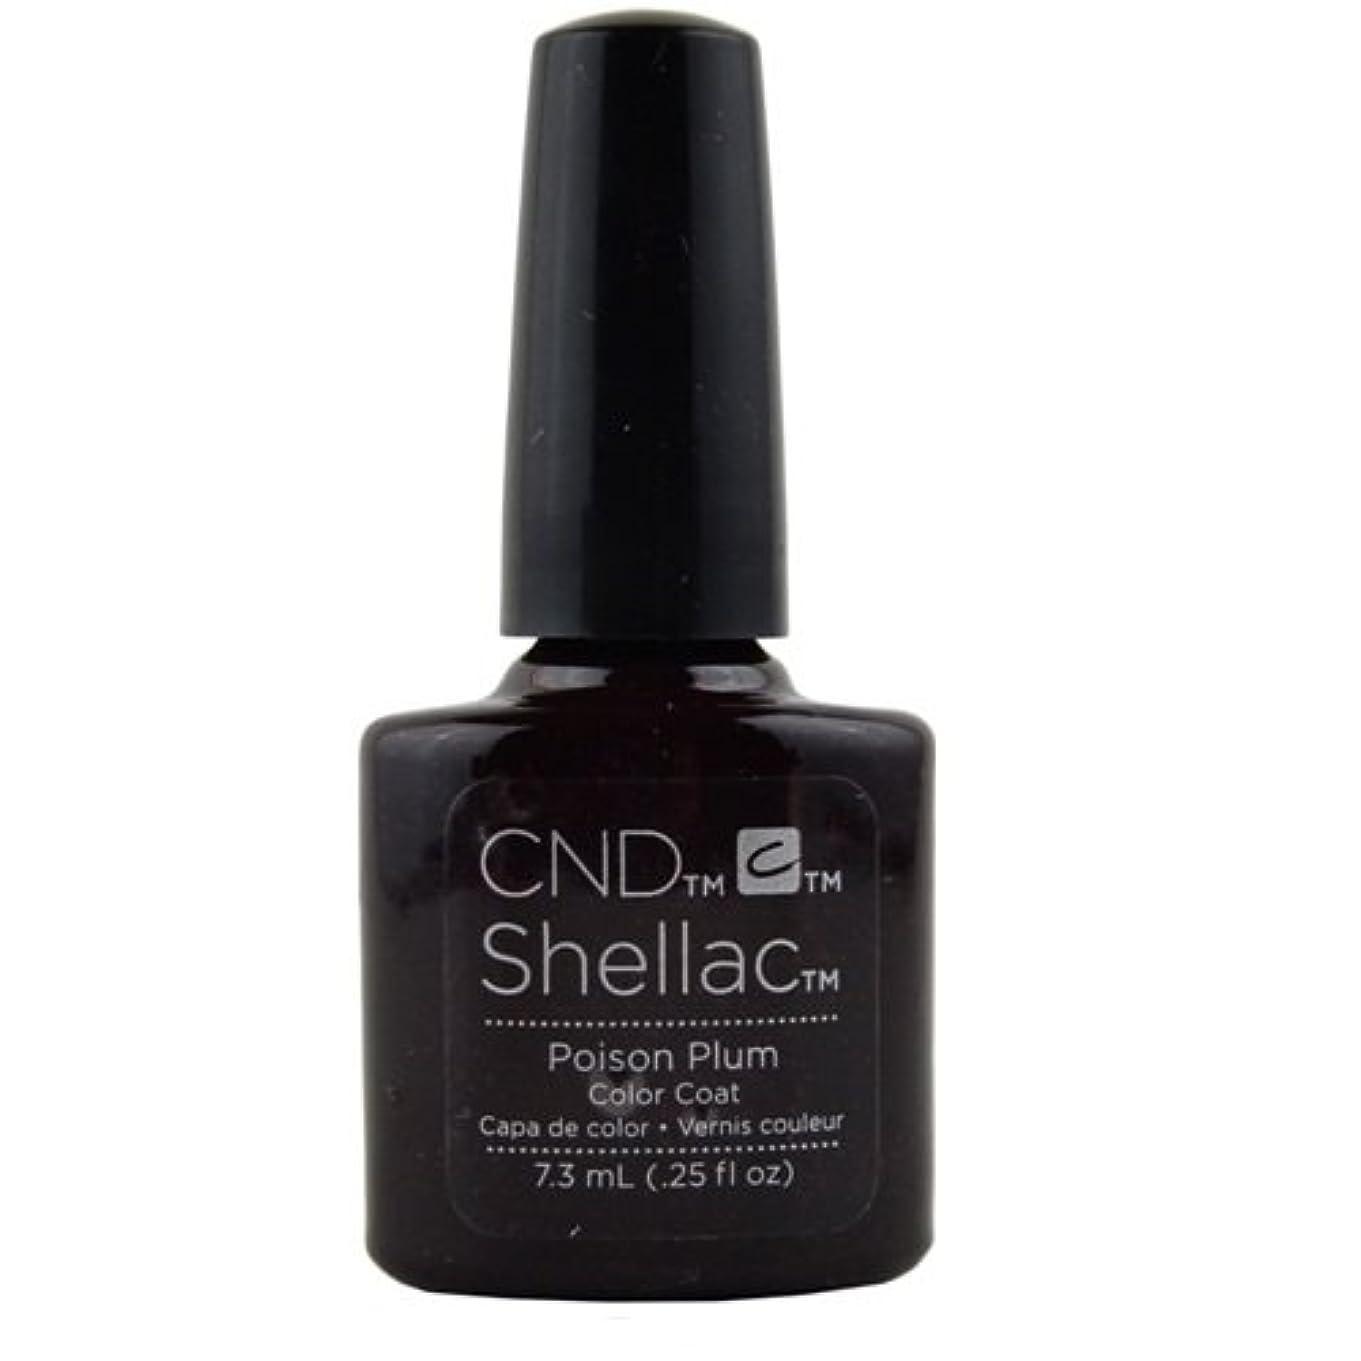 驚くばかり誘惑昇進CND Shellac Gel Polish - Poison Plum - 0.25oz / 7.3ml